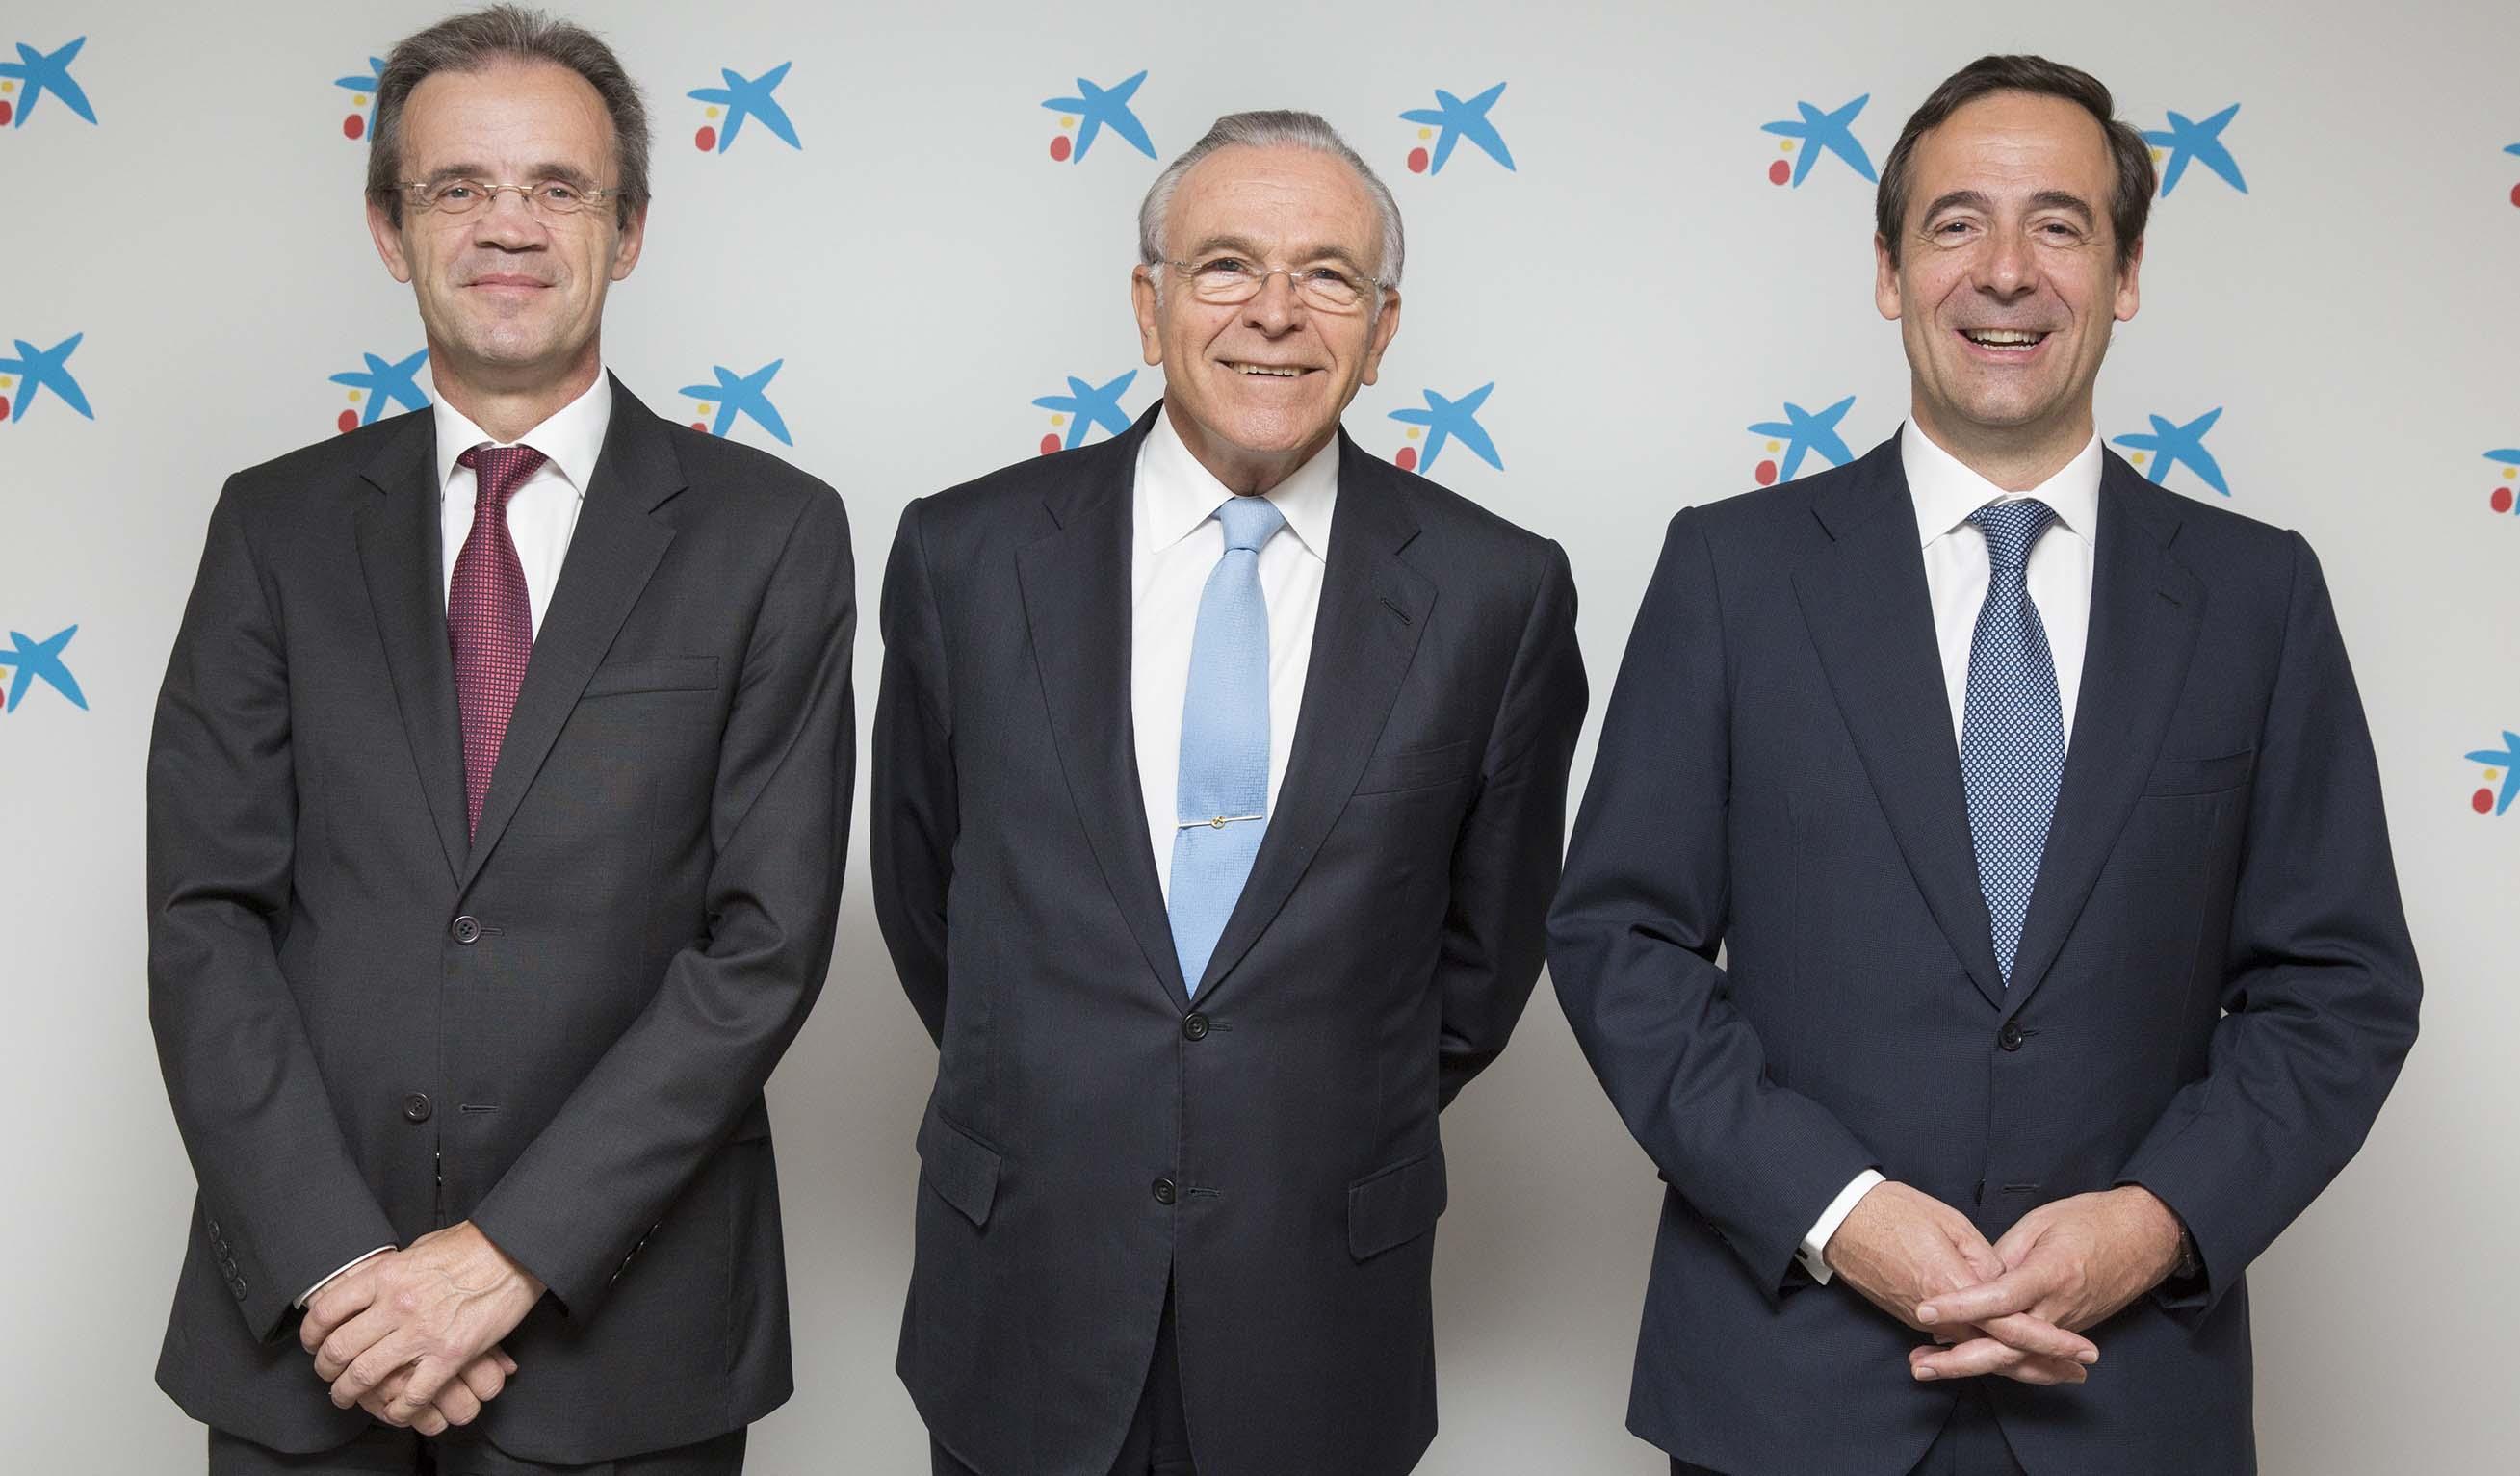 """Jordi Gual, nombrado presidente de La Caixa mientras Isidro Fainé presidirá la Fundación Bancaria """"la Caixa"""" y CriteriaCaixa"""